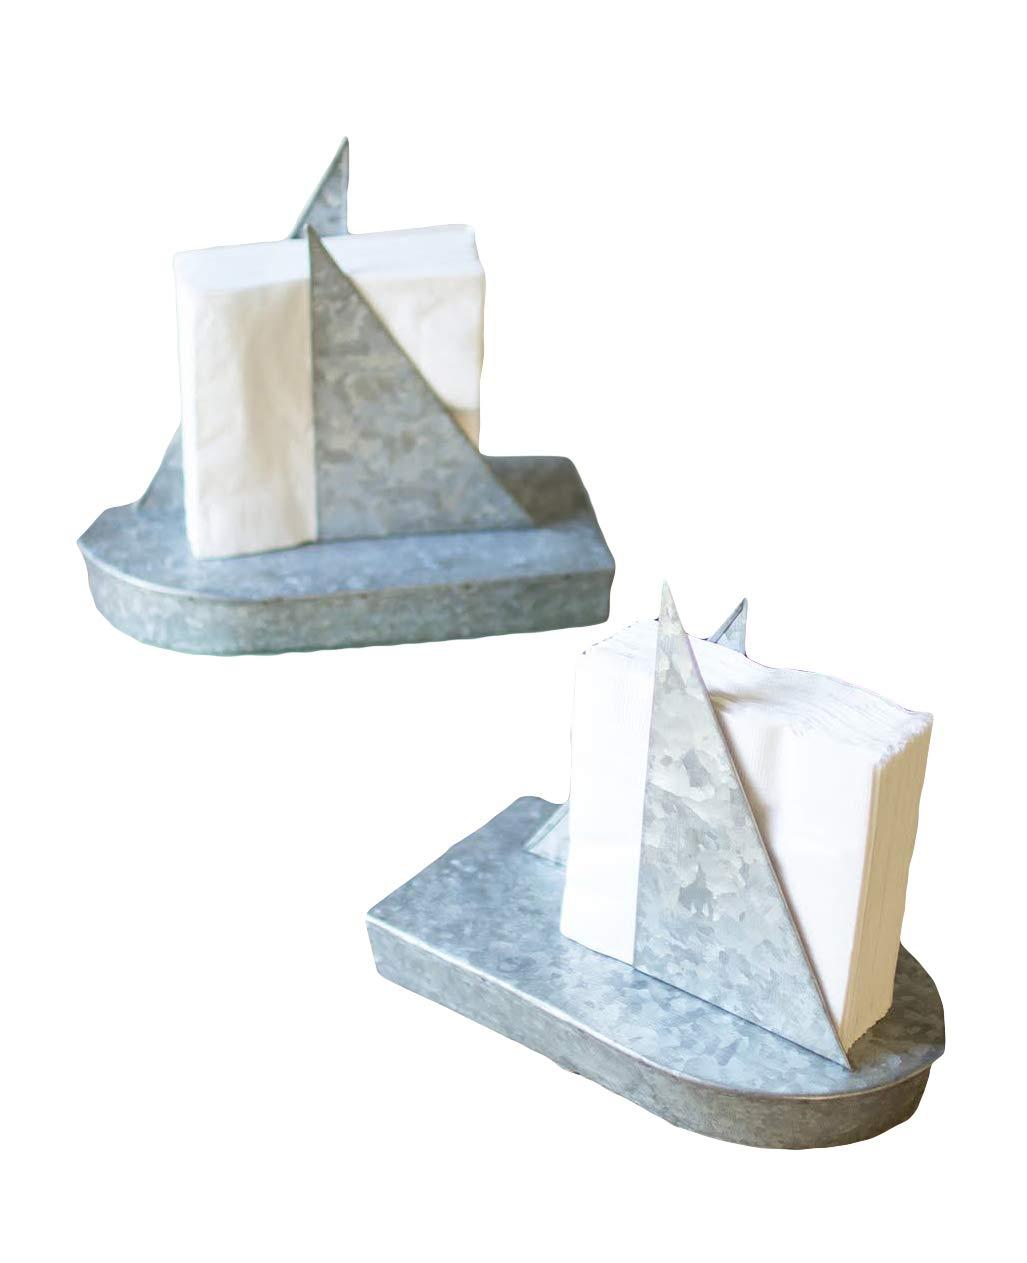 Kalalou NNL2140 缶 ヨット ナプキン ホルダー   B078TTLTG2